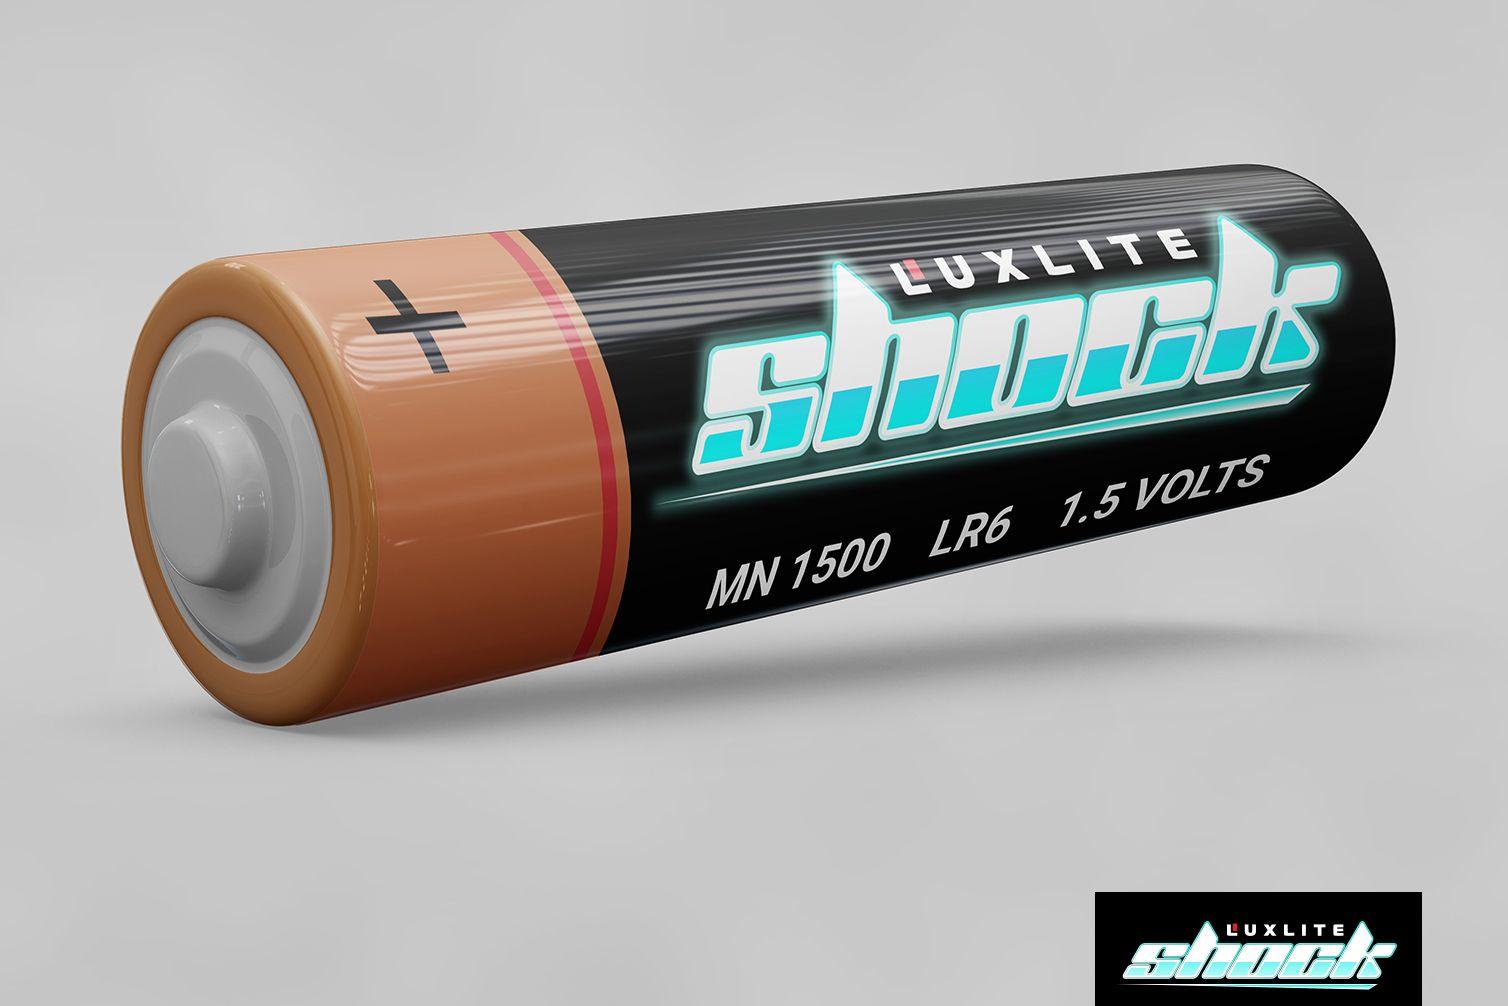 Логотип для батареек LUXLITE SHOCK - дизайнер oio